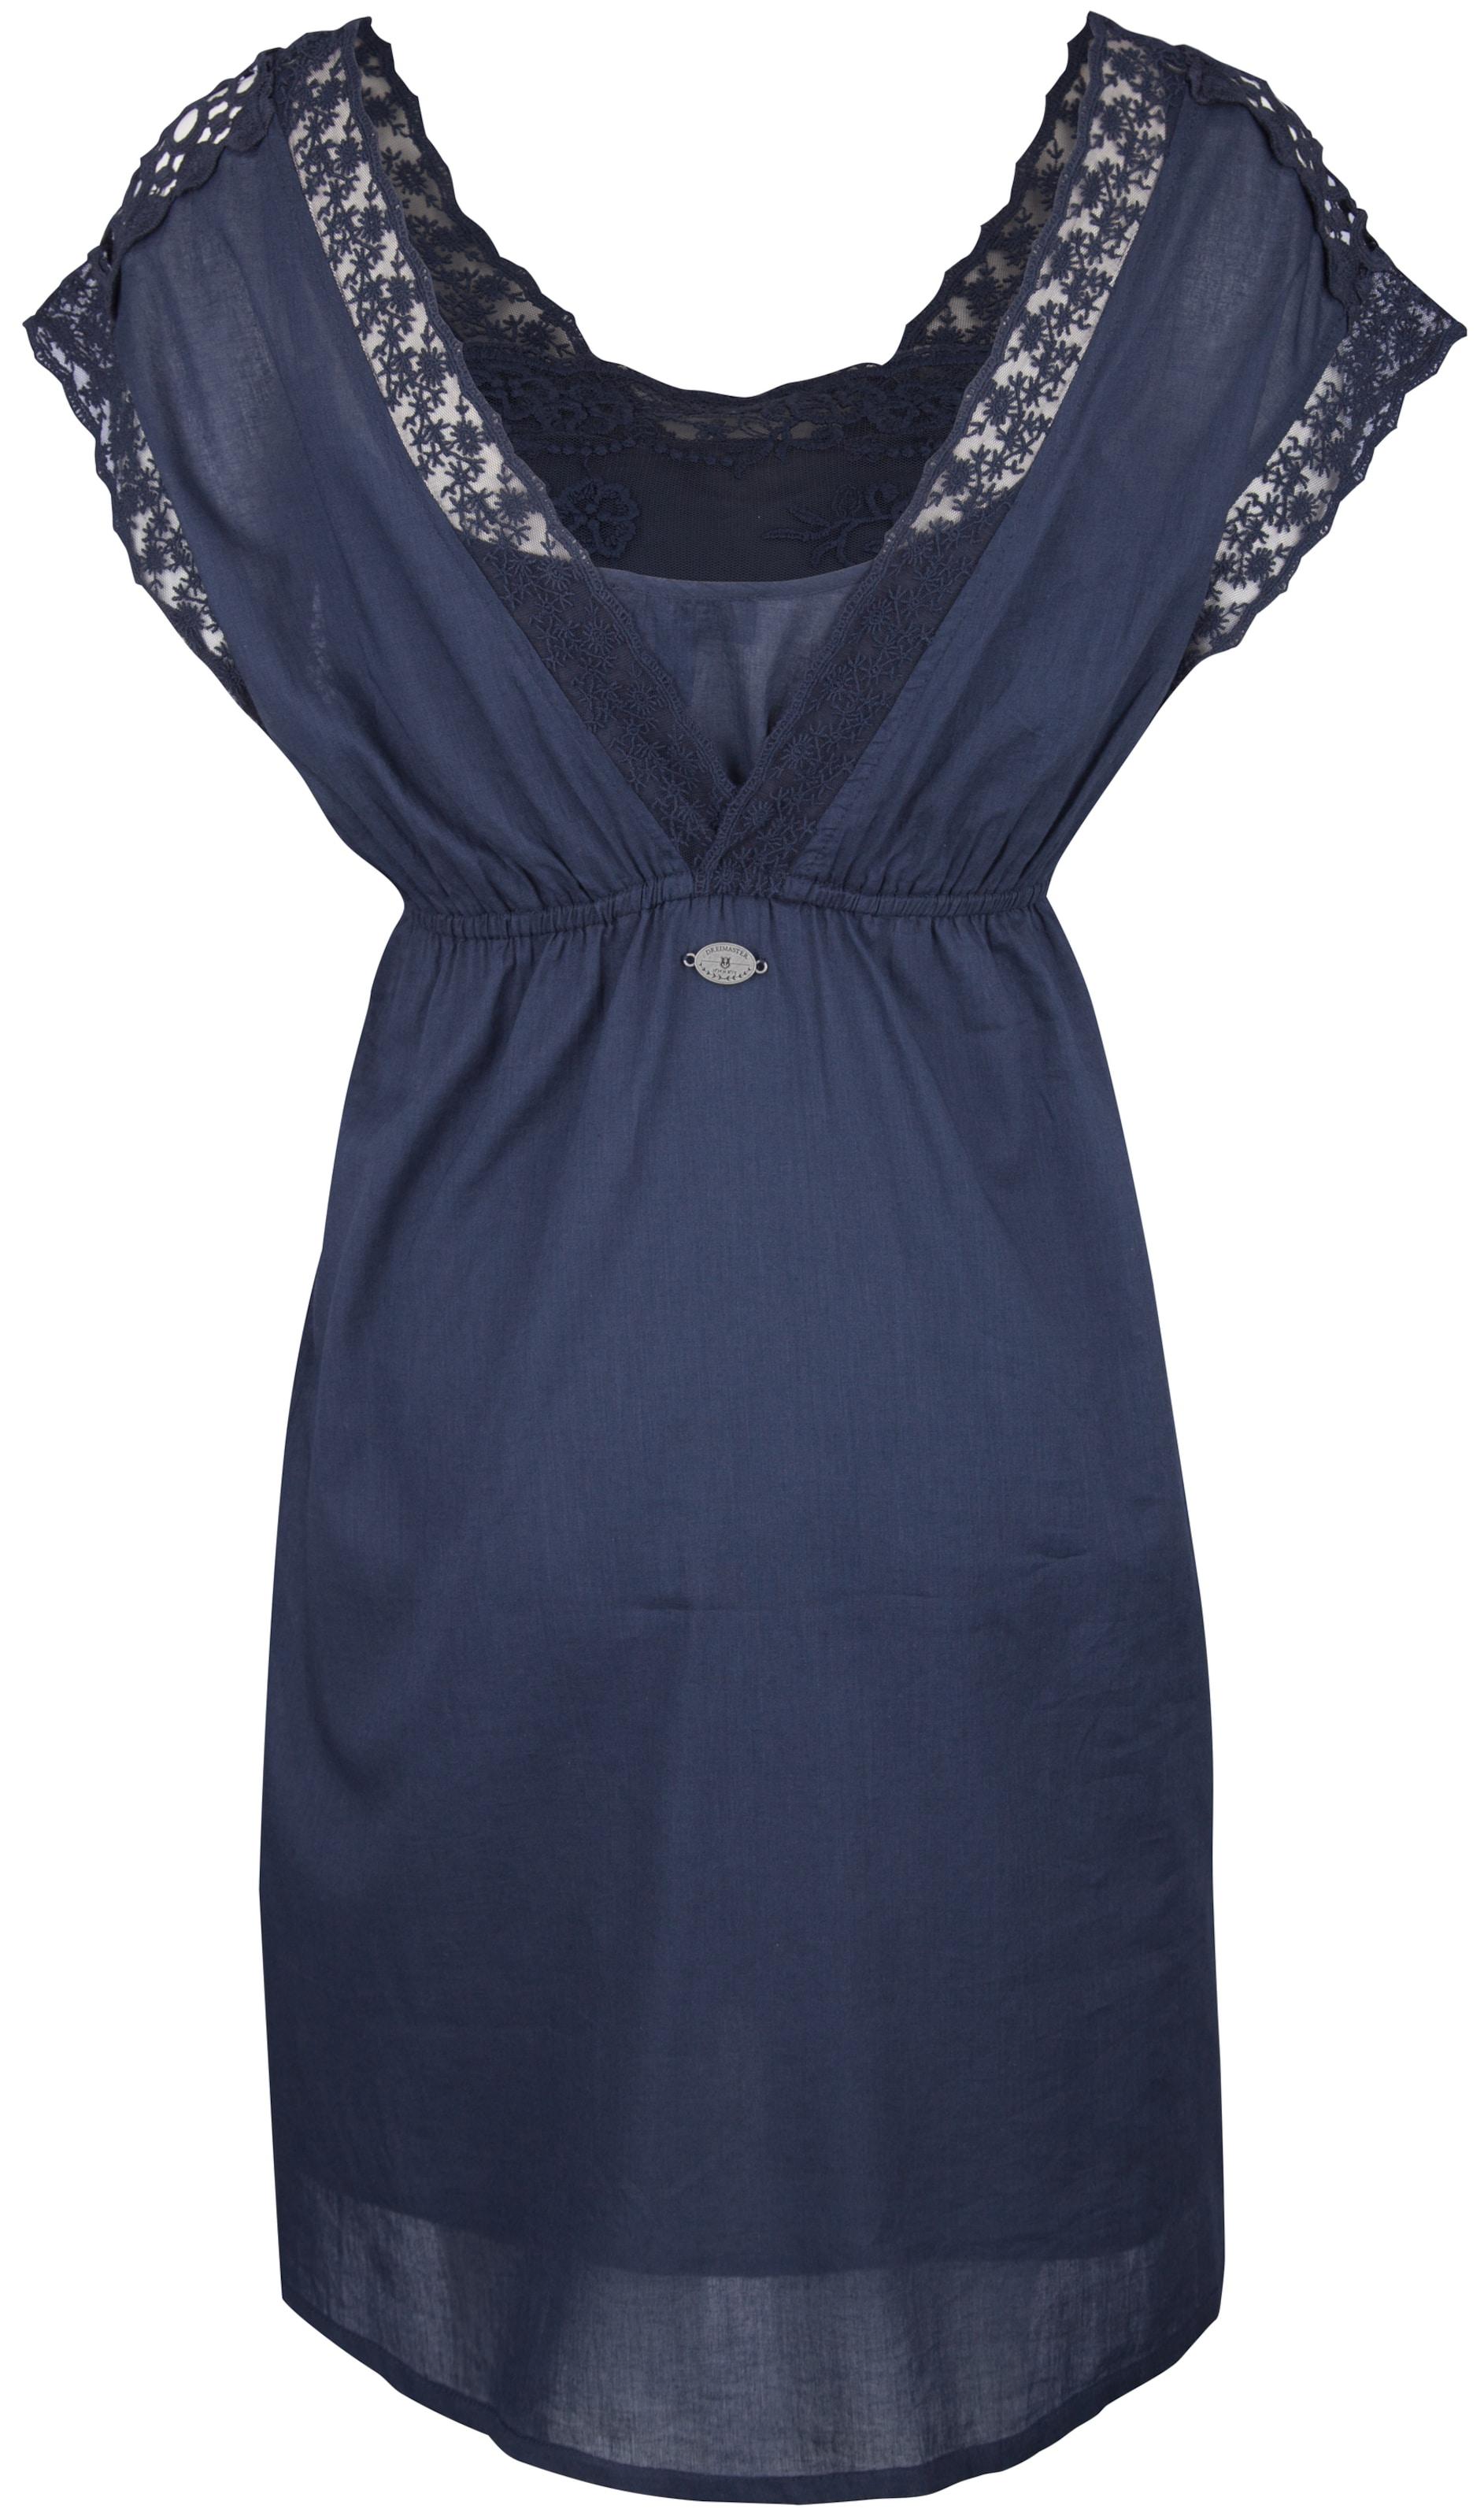 Dreimaster Kleid In BlauMarine In Kleid In Kleid Navy BlauMarine Dreimaster Navy Dreimaster hrQdsCtx